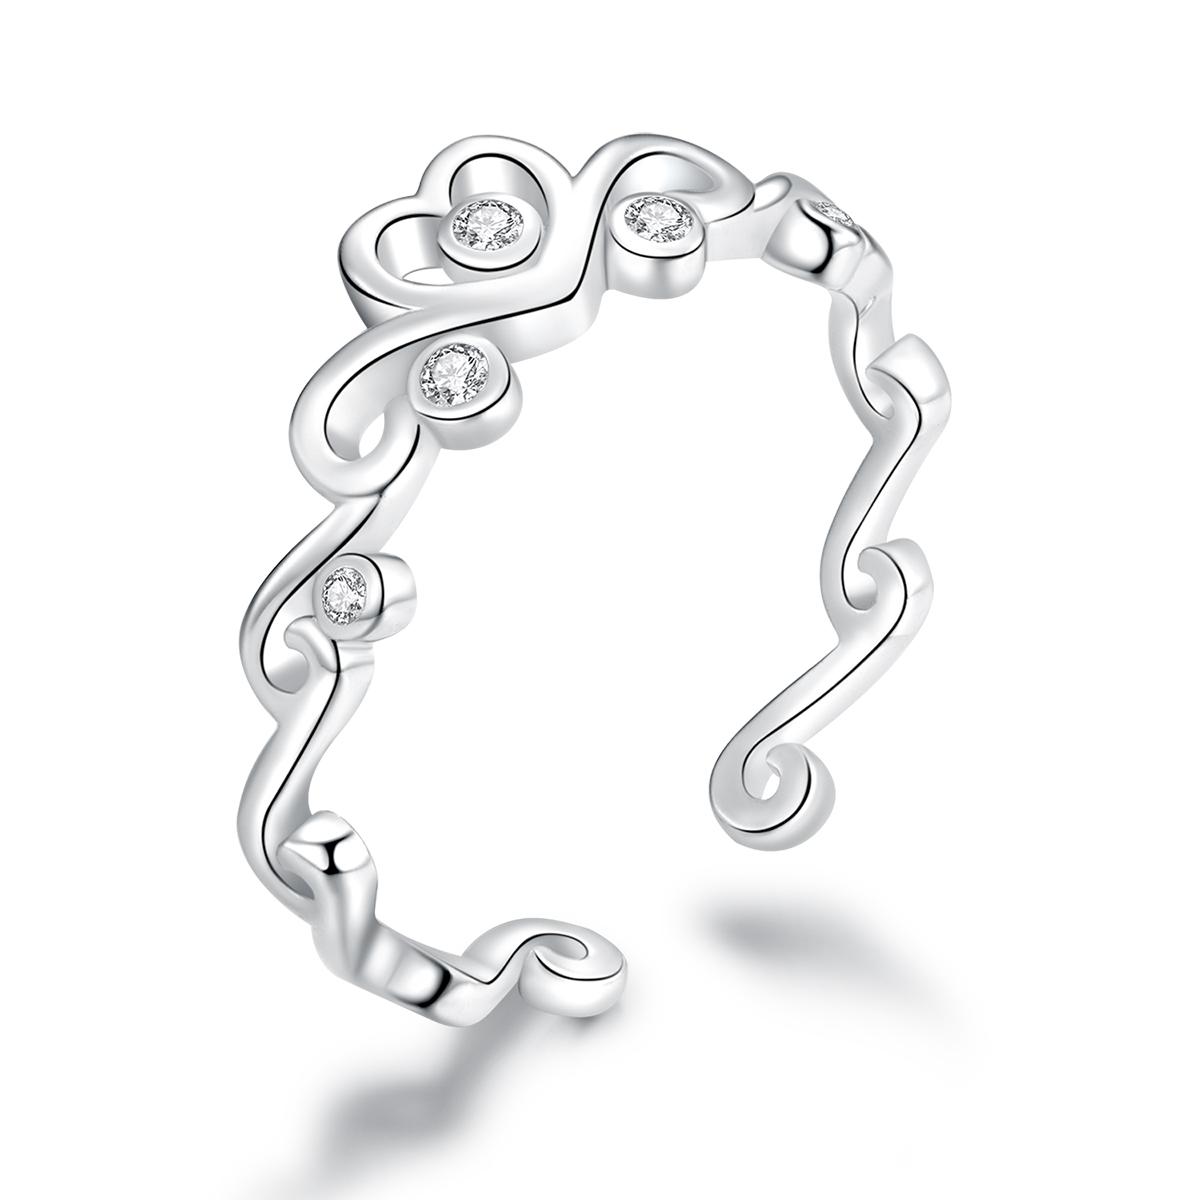 OLIVIE Strieborný prsteň LÁSKA 4245 Ag 925; ≤1,3 g.